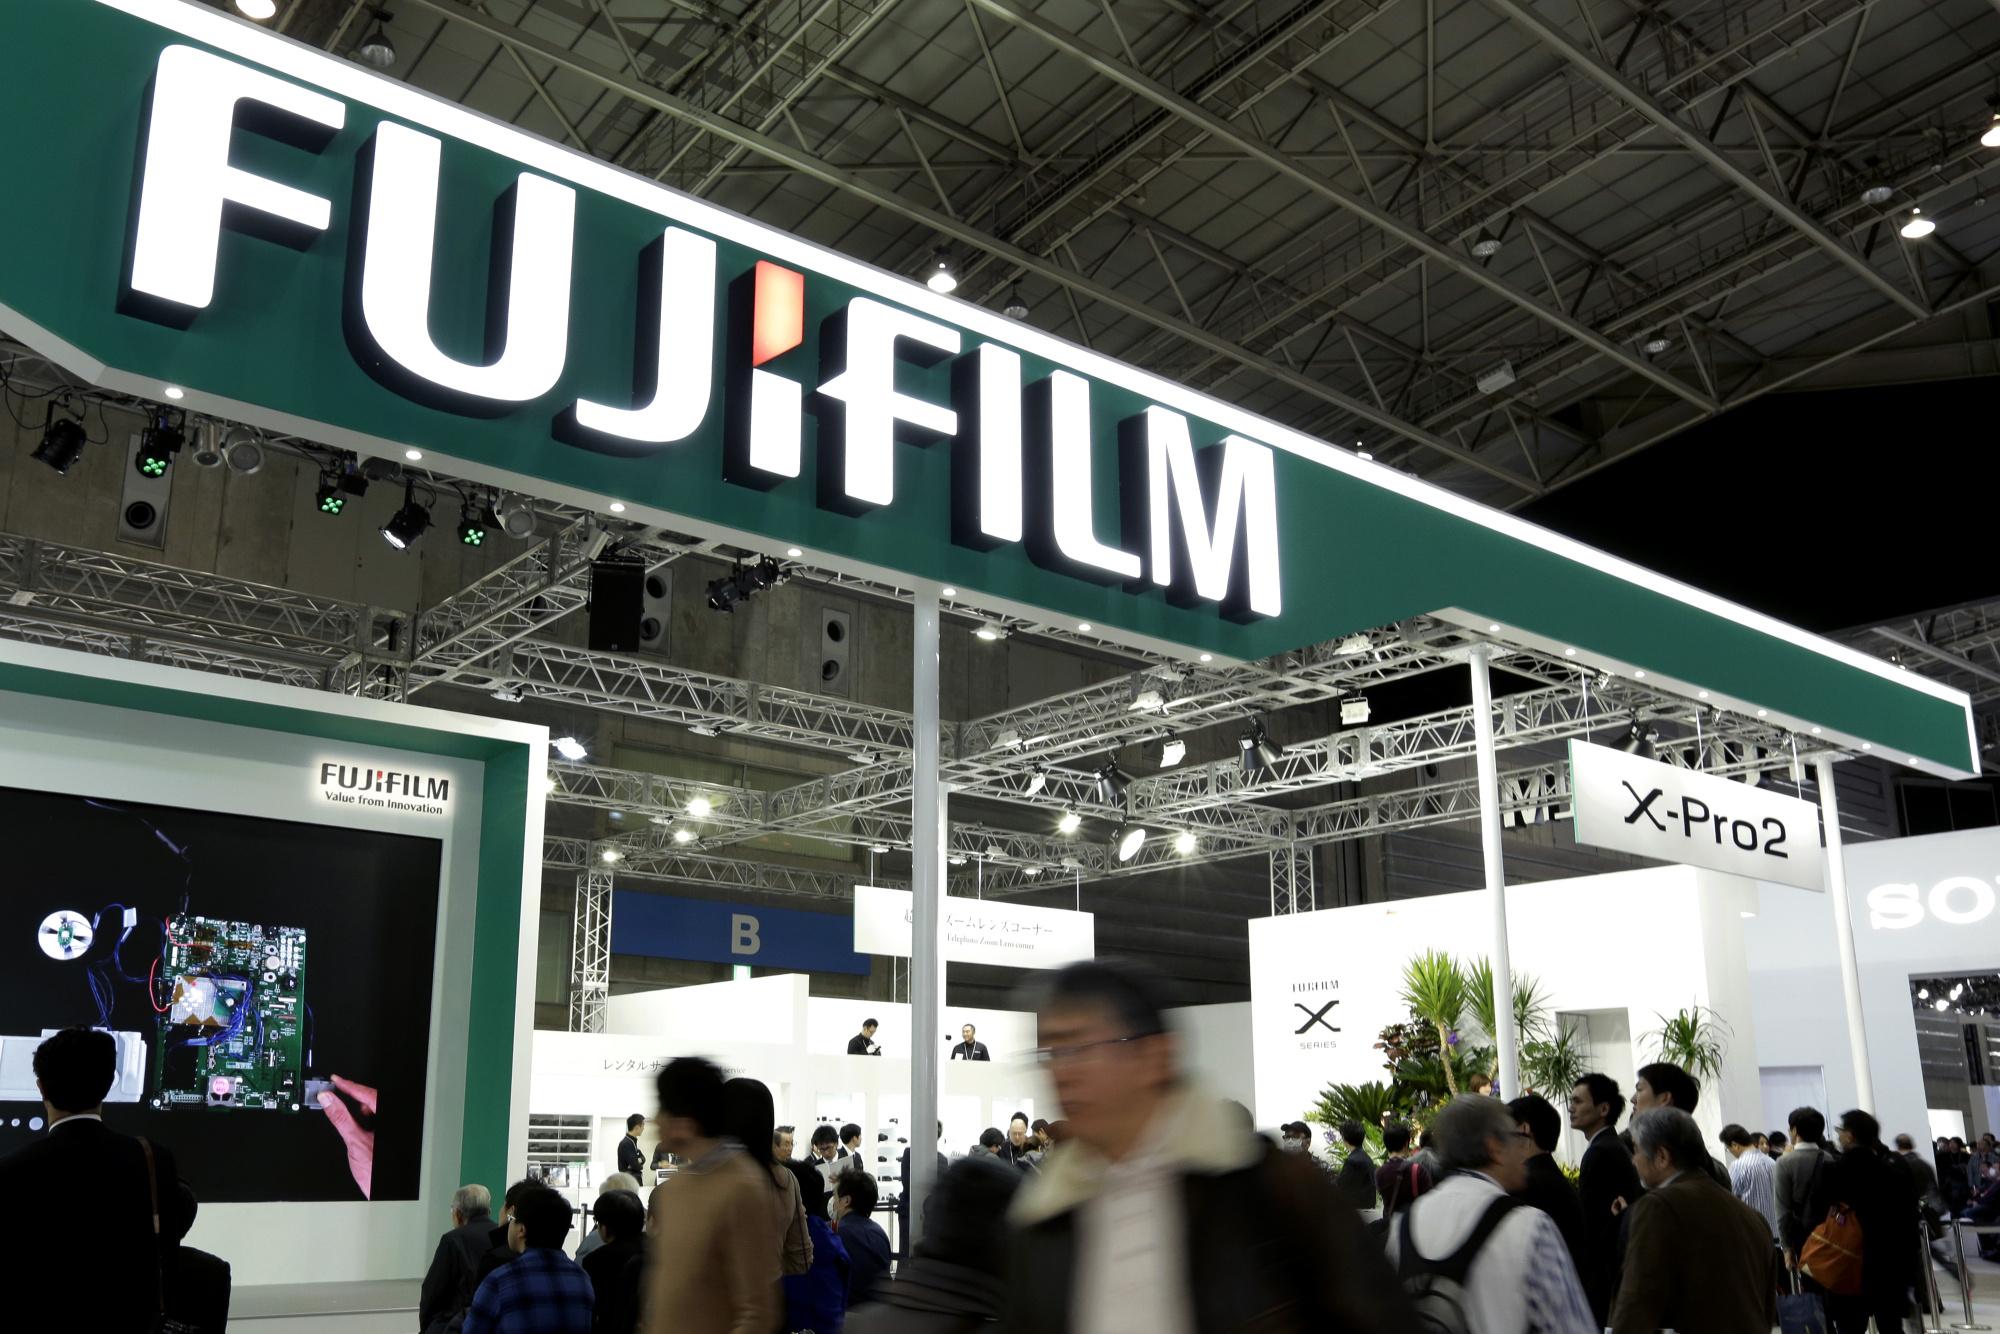 https://assets.sourcemedia.com/a6/27/196e9c7742e7bd1e9ae55913098d/fujifilm.jpg